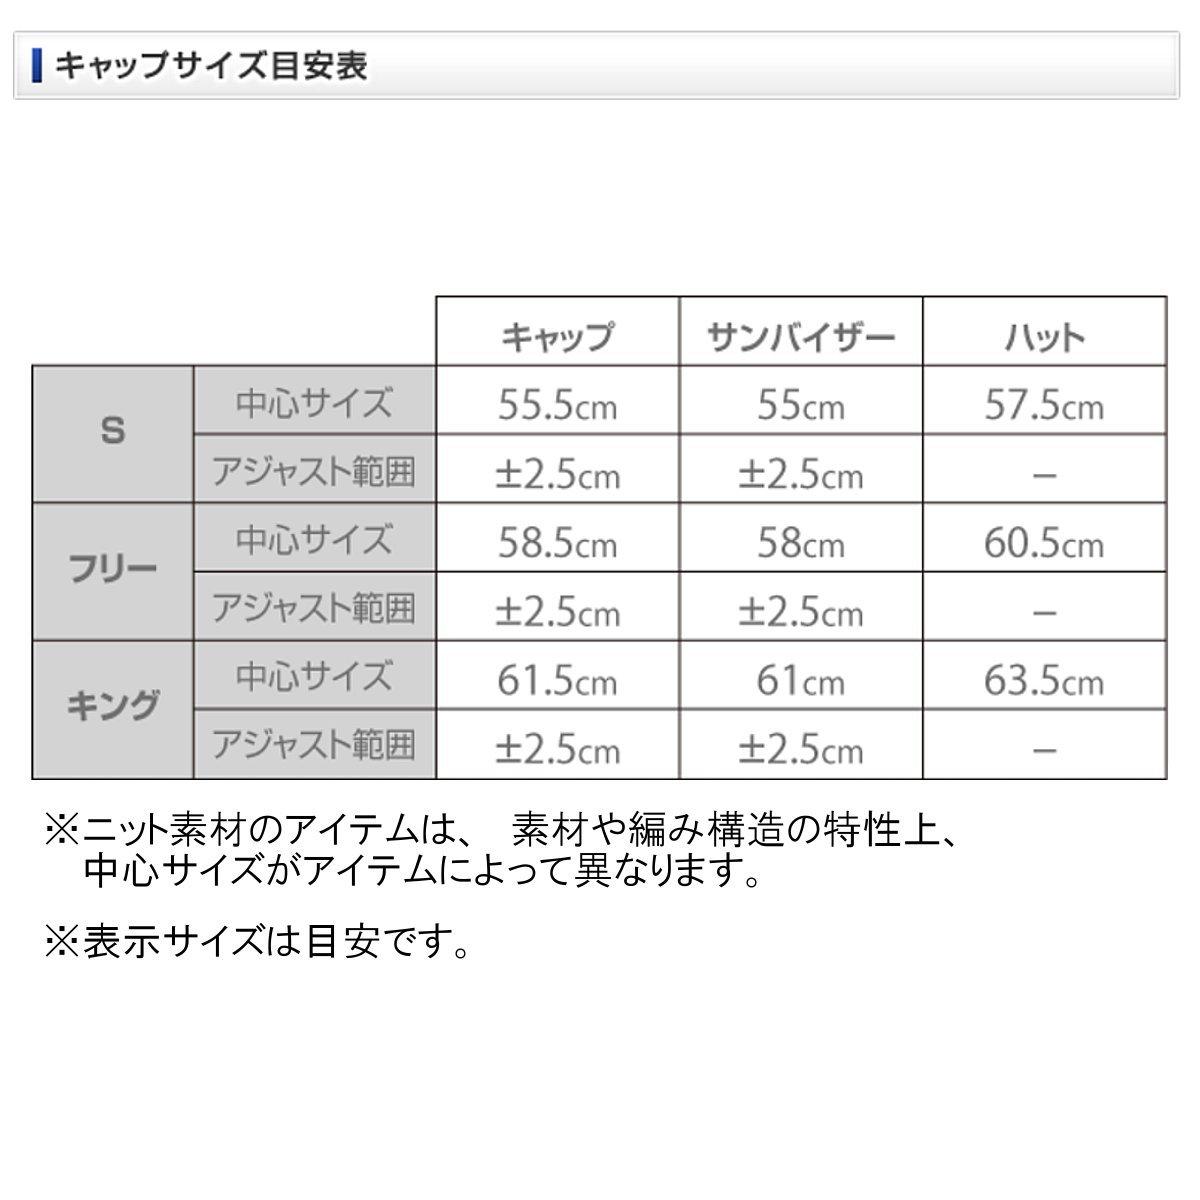 SHIMANO knit cap CA-065Q black F